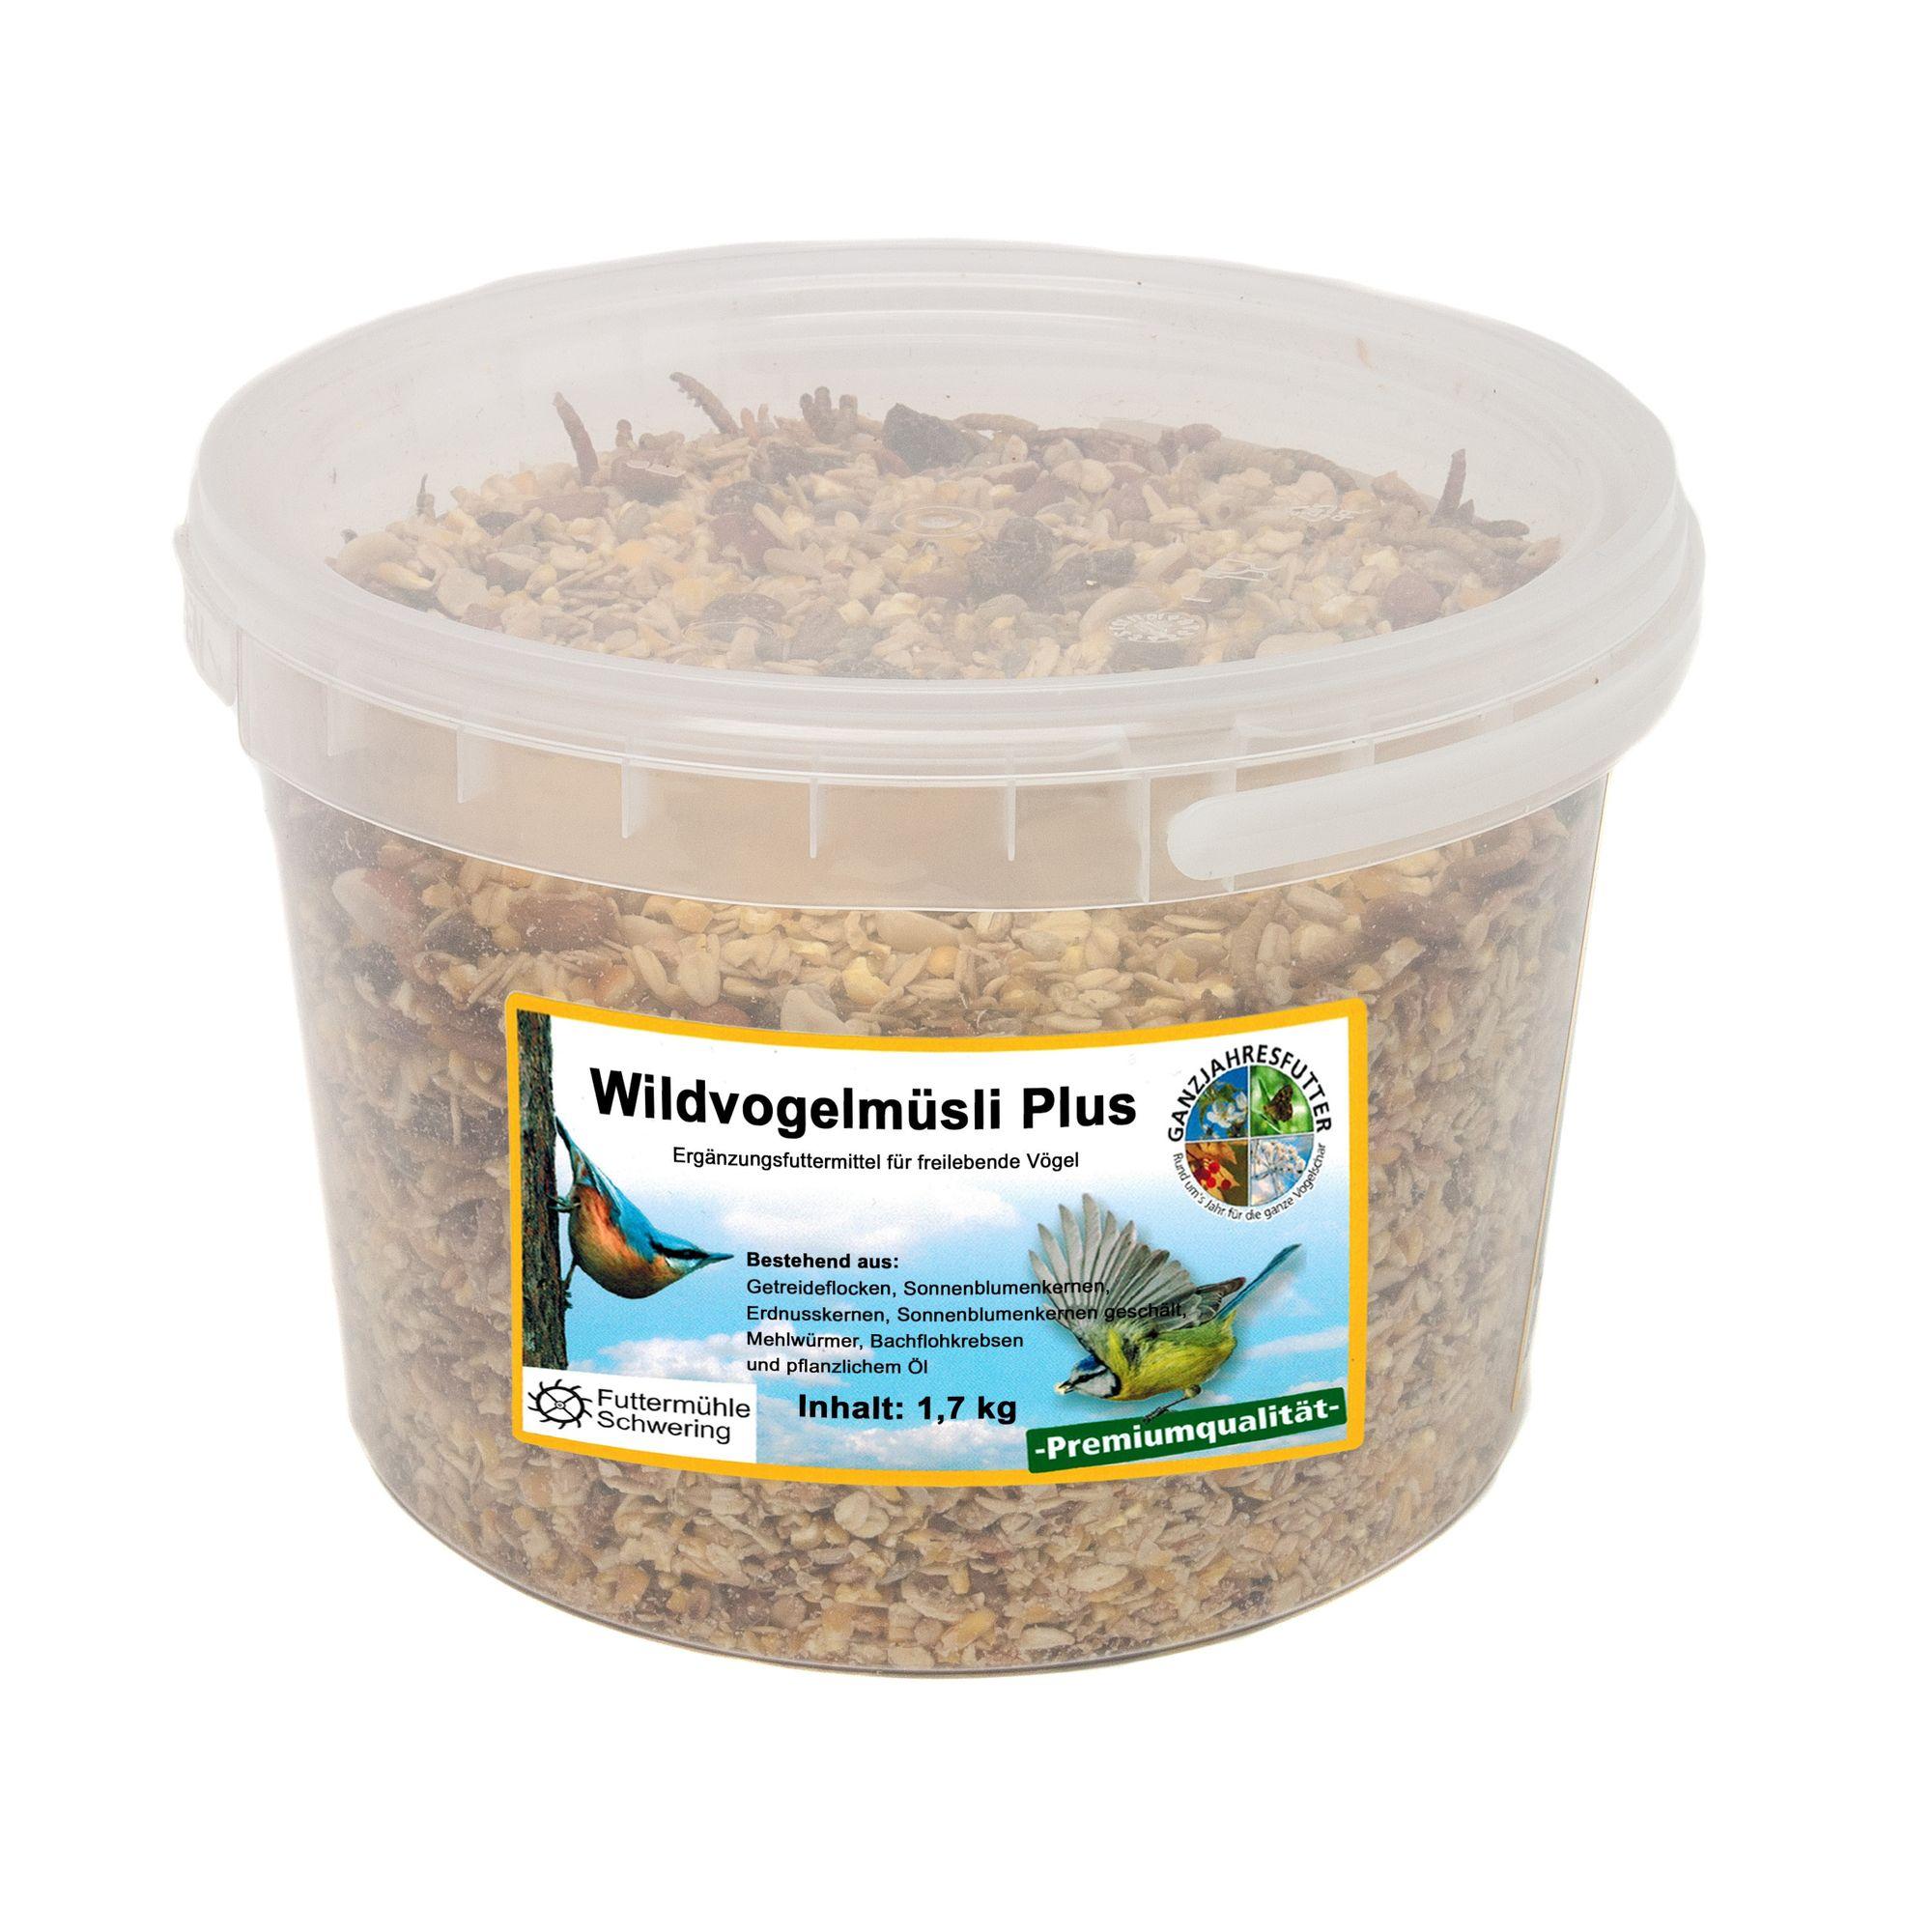 Wildvogelmüsli PLUS, 1,7 kg Eimer